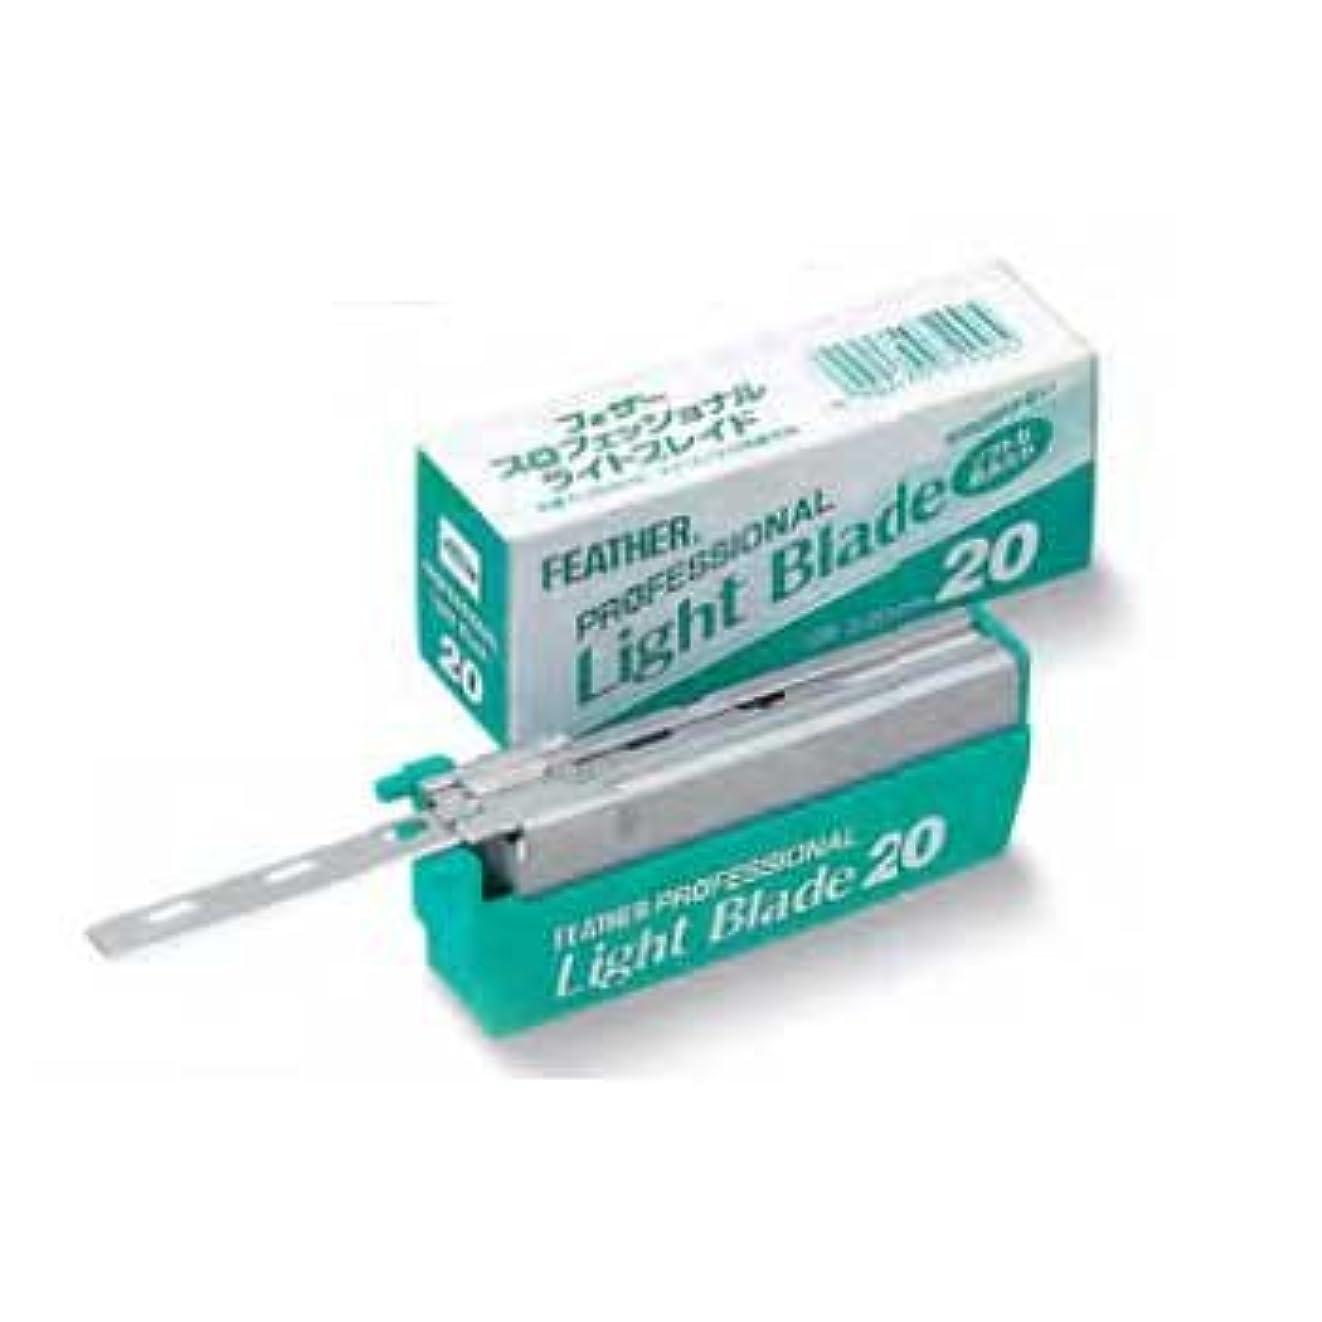 ブランチつまずく密接にフェザー プロフェッショナル ライトブレイド PL-20 20枚×10 替刃 刃の出が少ないソフトな肌当たり FEATHER アーティストクラブ用替刃